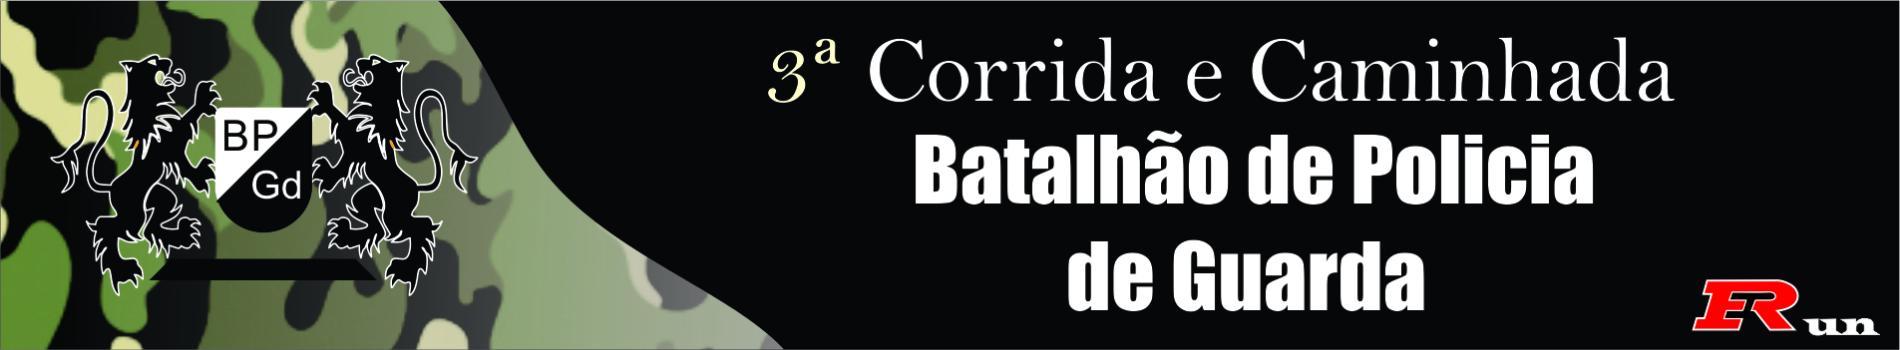 3ª CORRIDA BATALHÃO DE POLICIA DE GUARDA - Imagem de topo